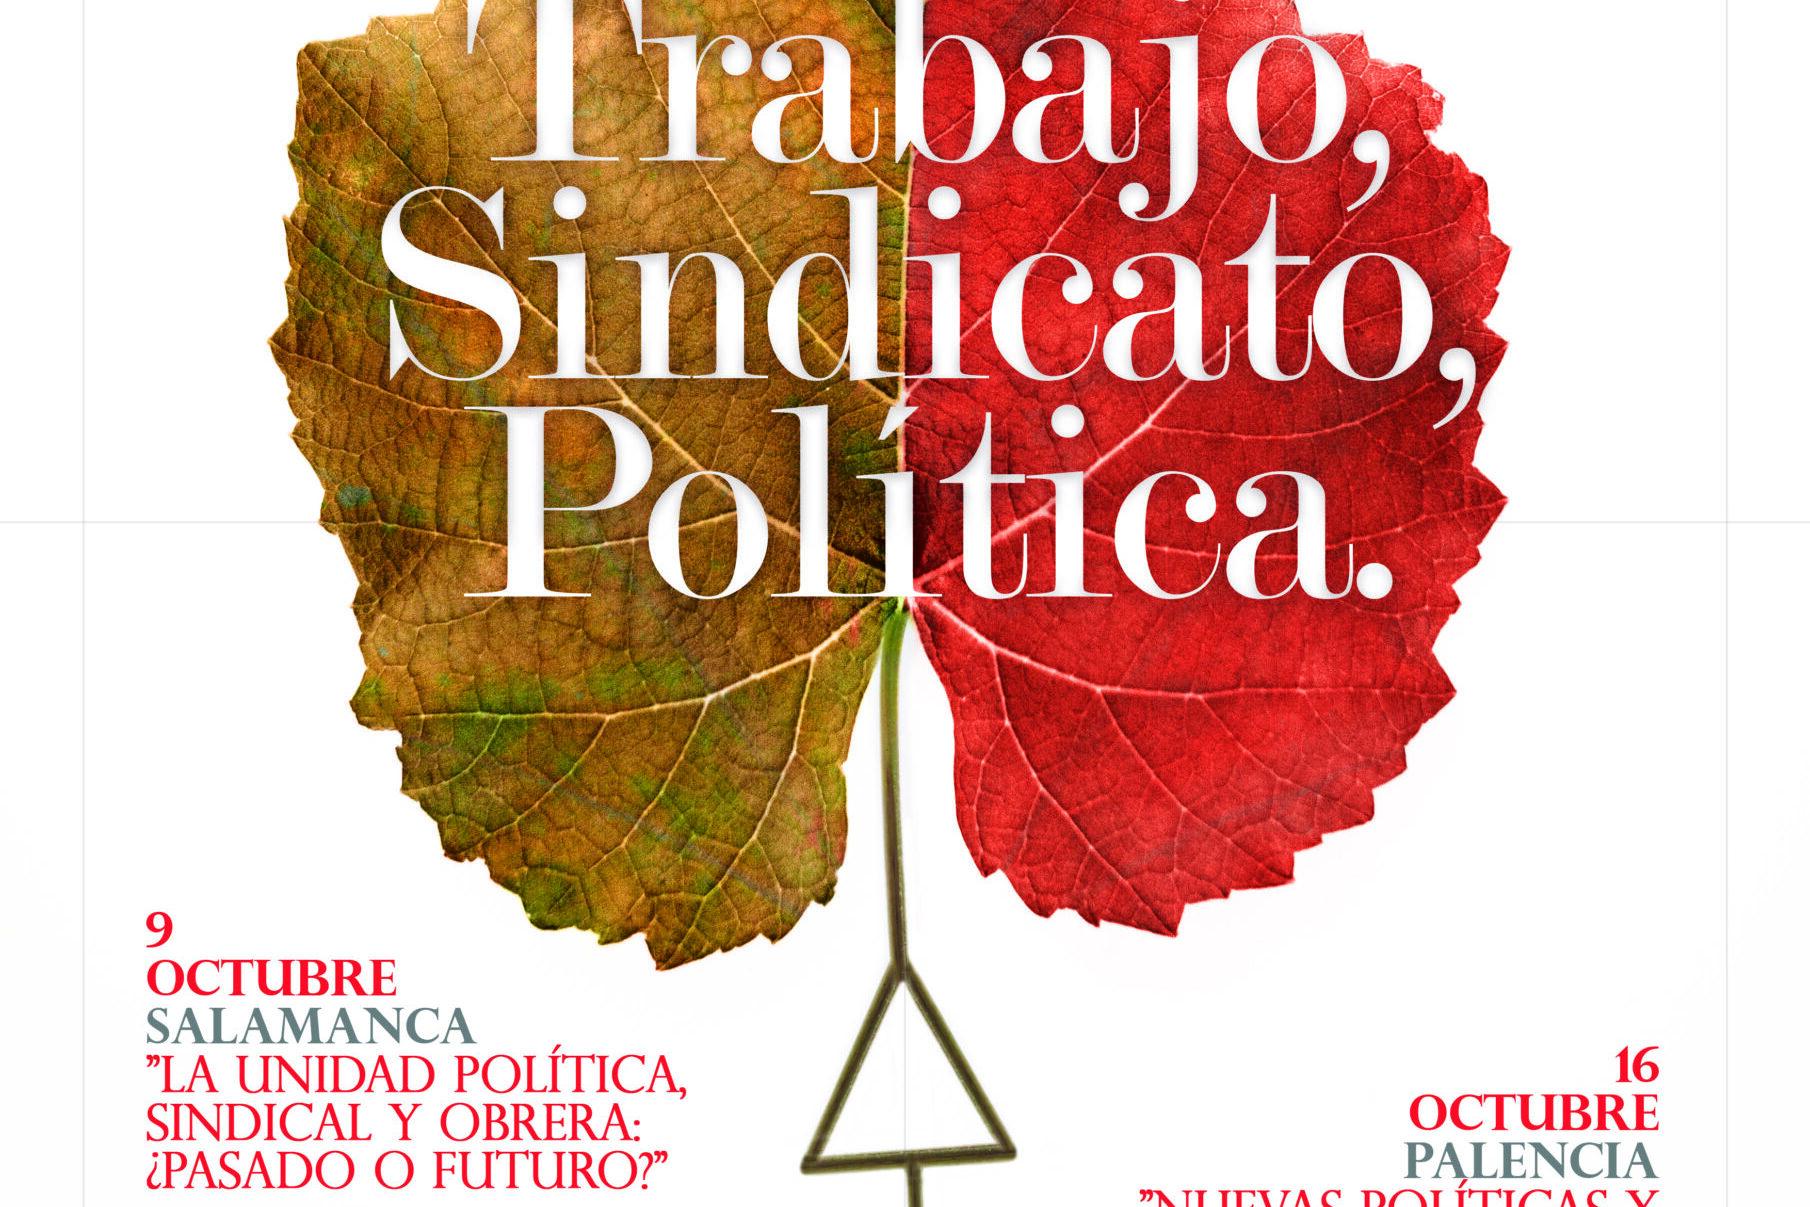 Este año el Otoño Sindical nos acerca a las intersecciones del trabajo, el sindicalismo, y la política